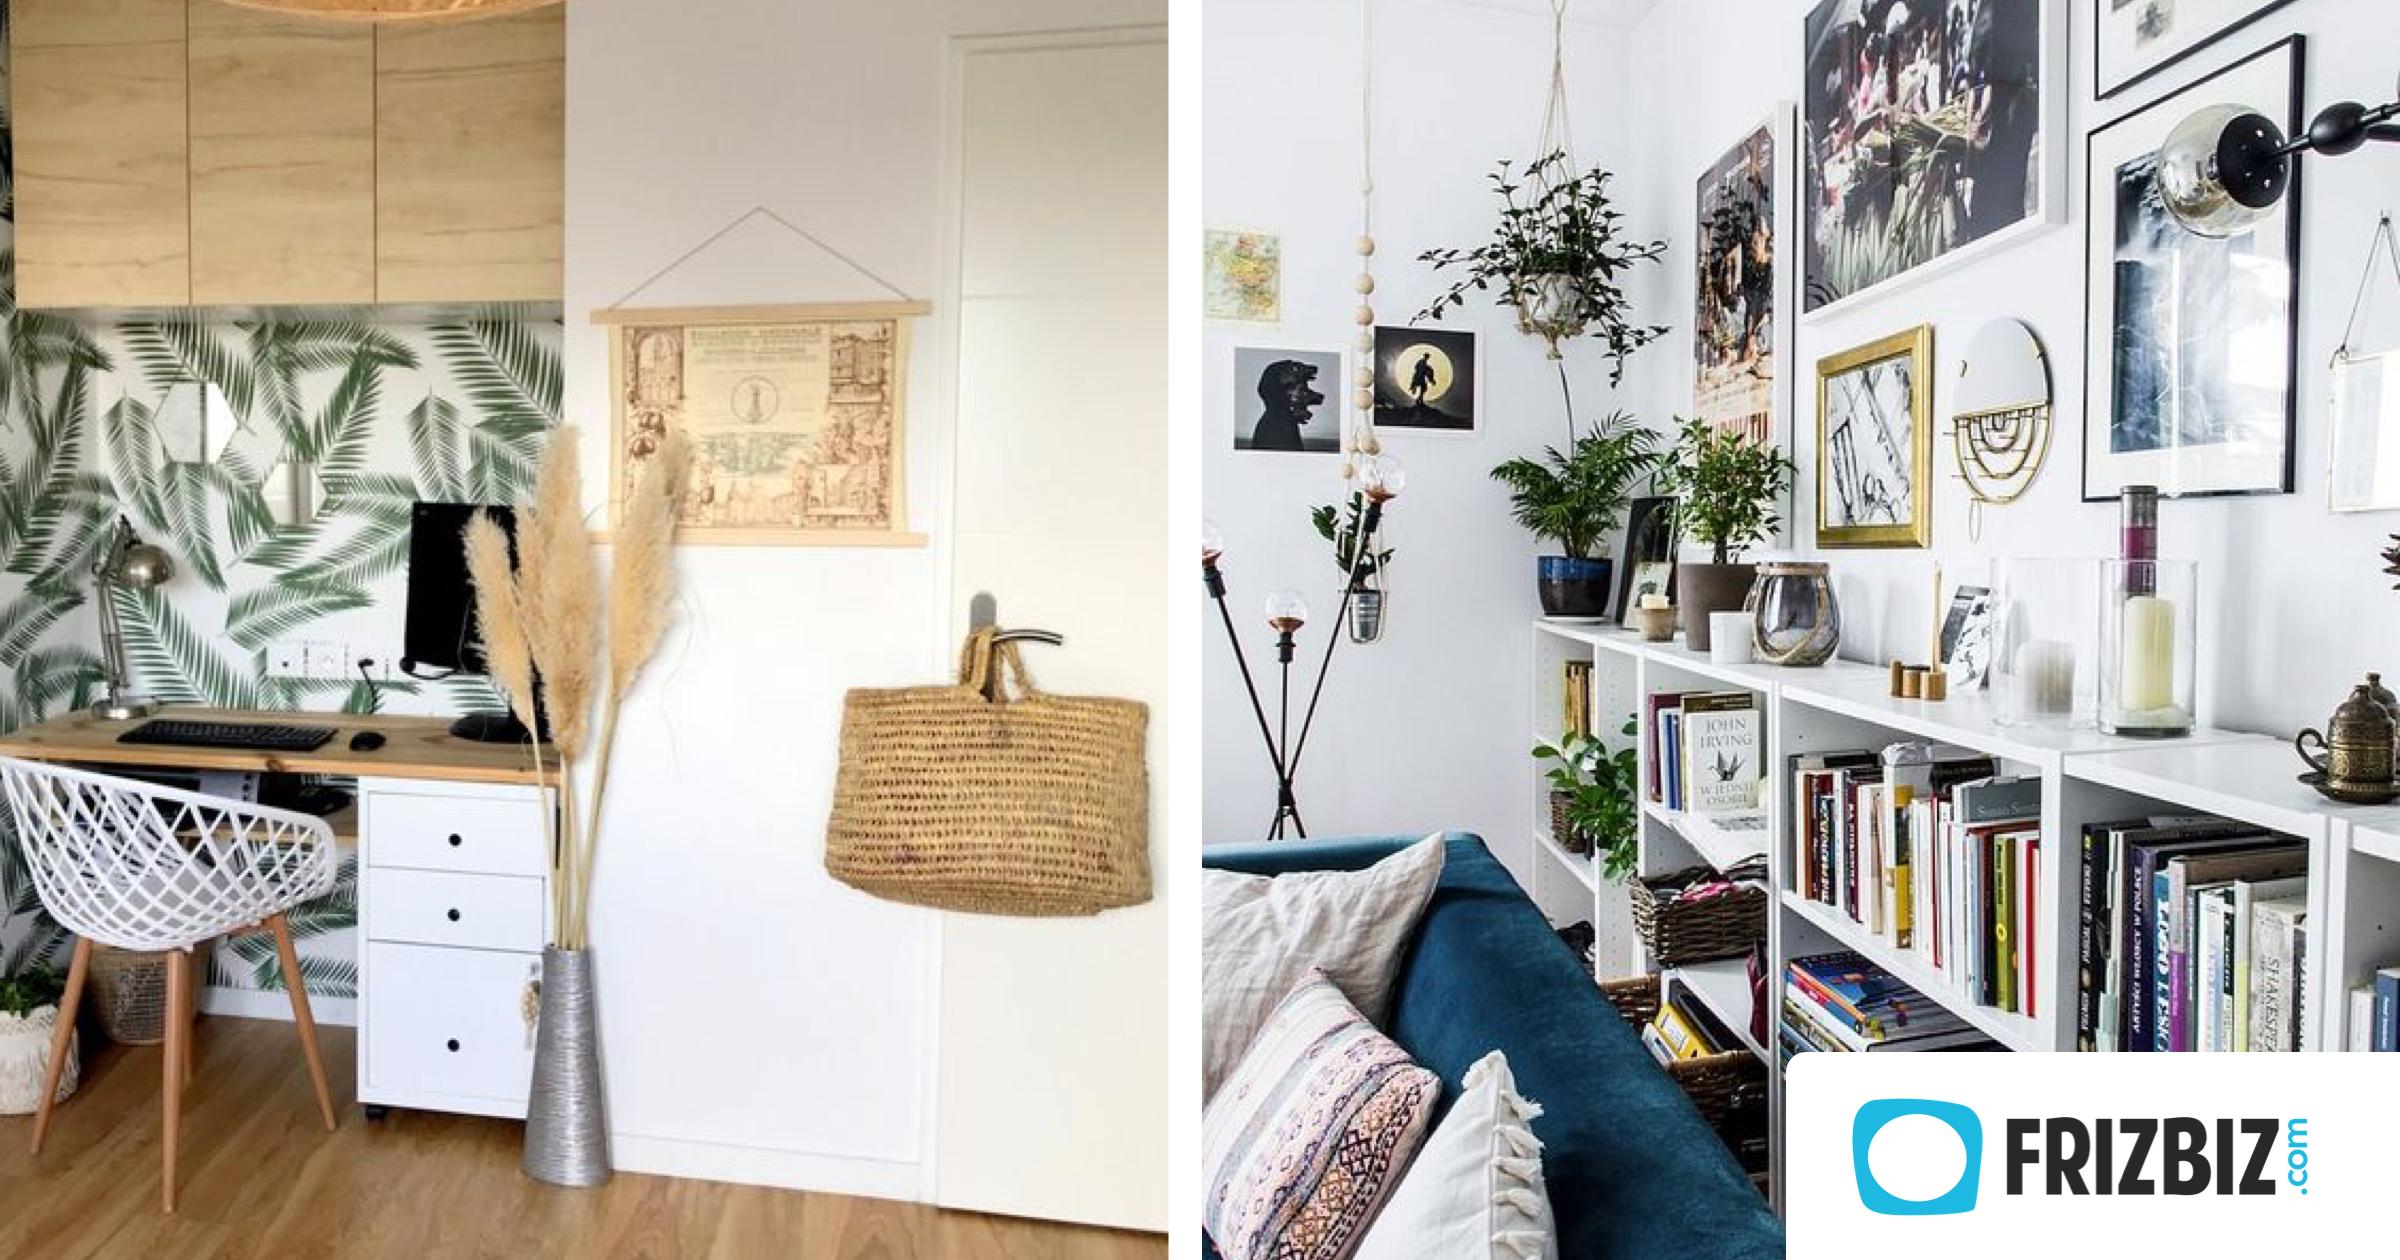 Comment Décorer Son Appartement Pas Cher déménagement : refaire la déco d'un logement à moindre coût